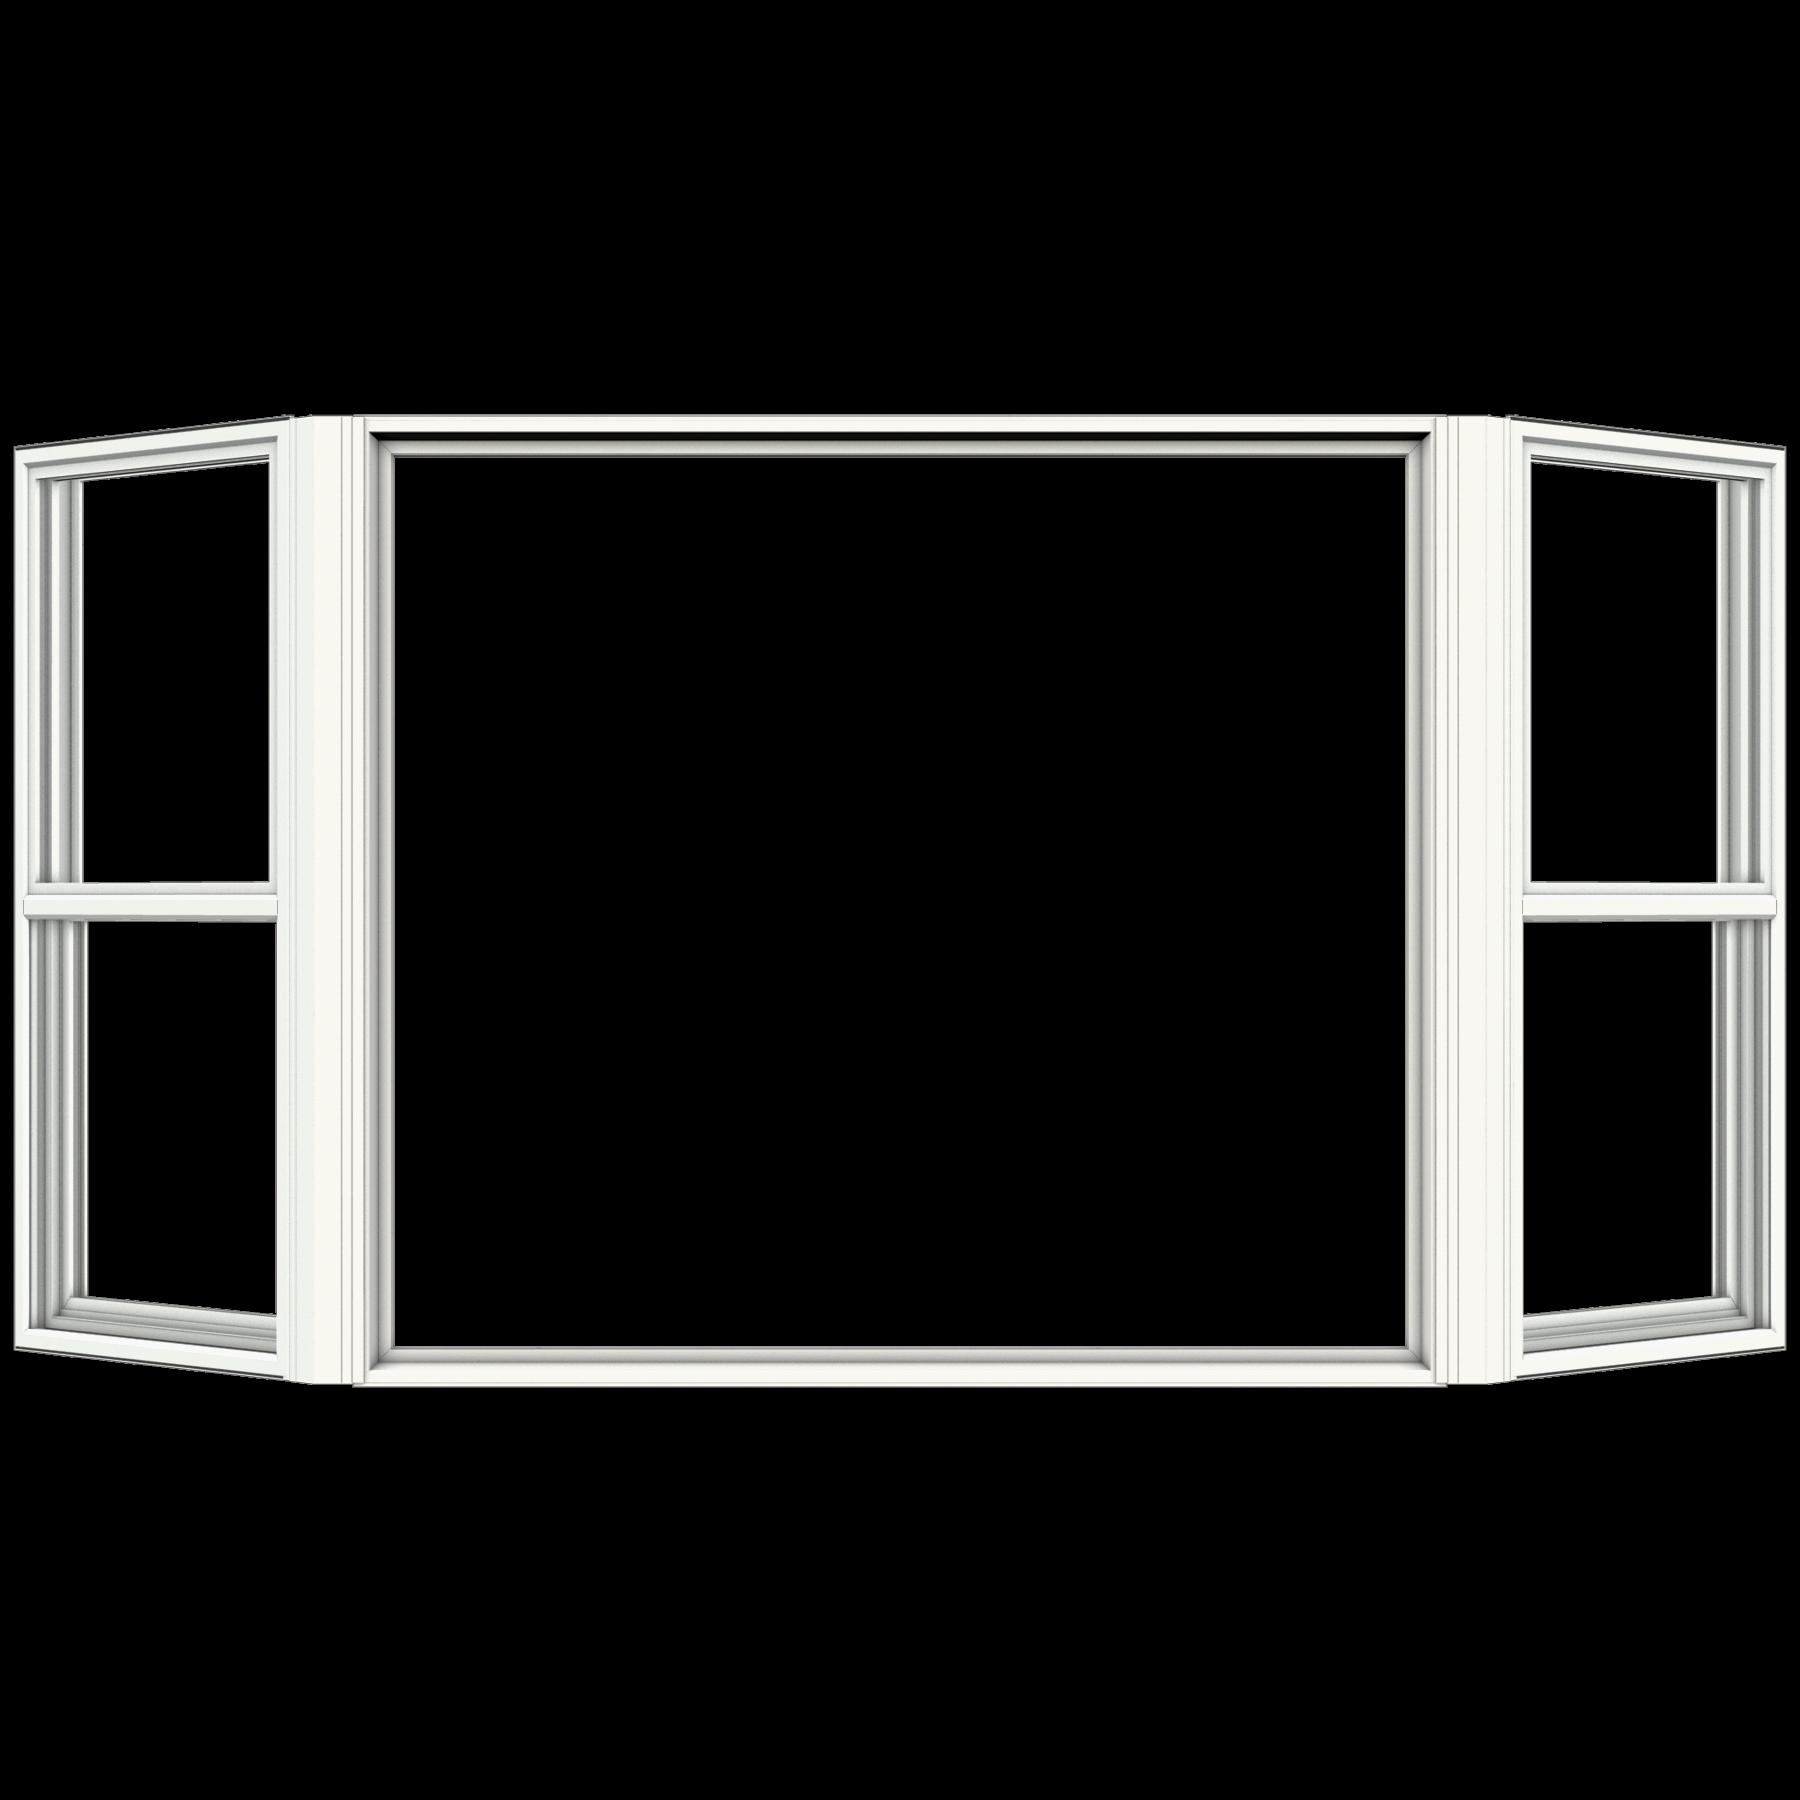 Bay Window premium vinyl bay window | jeld-wen windows & doors